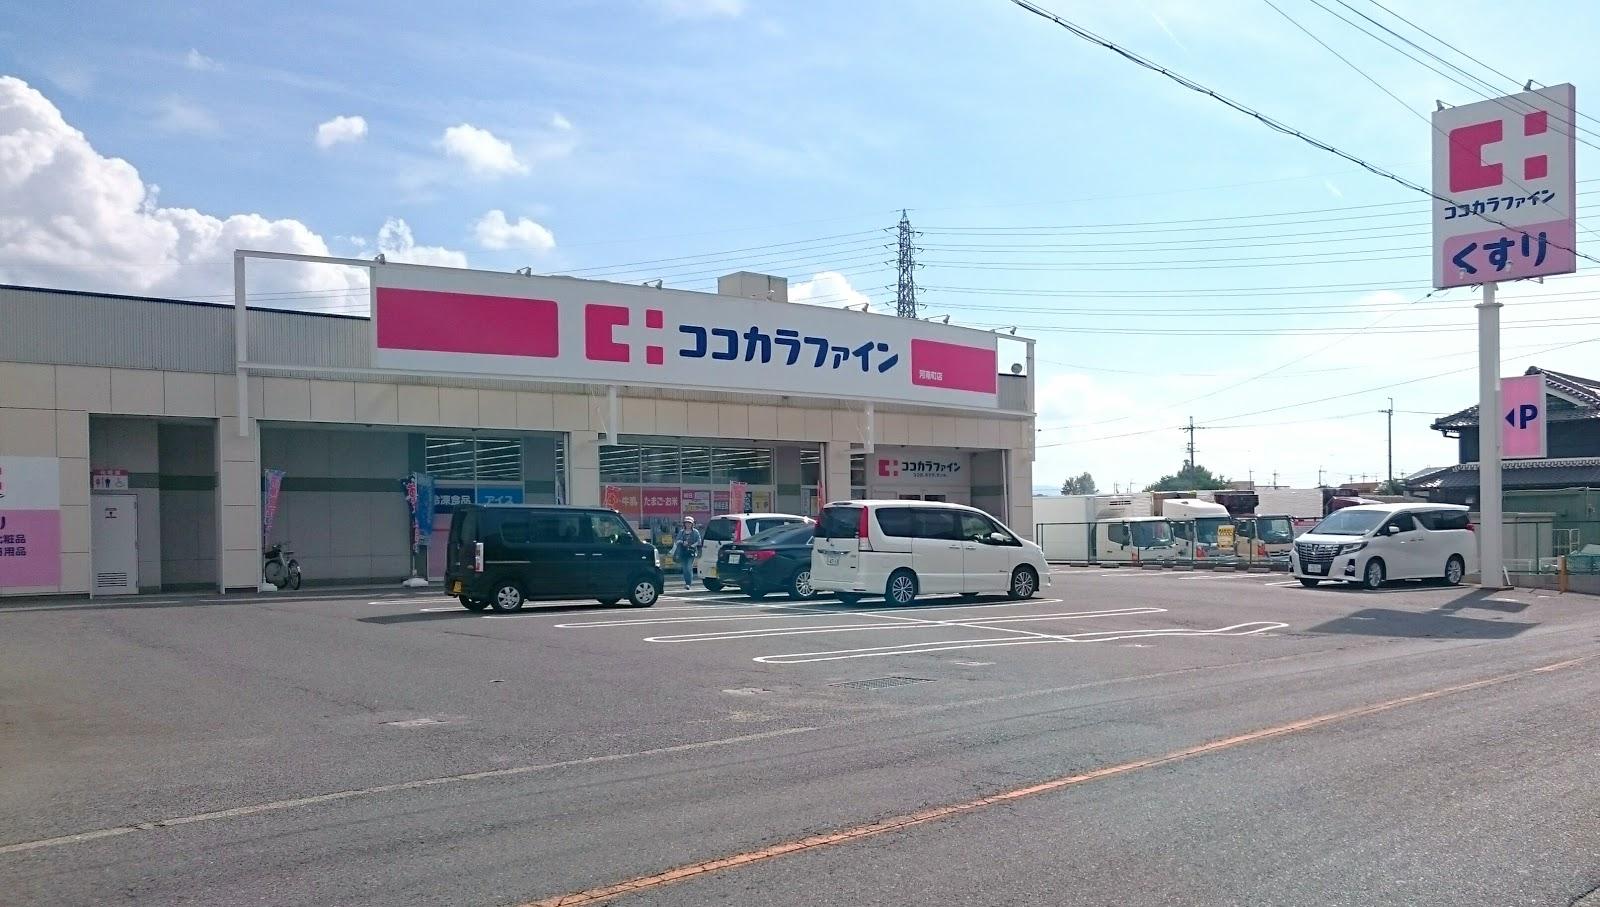 【閉店情報】ココカラファイン 河南町店(河南町)